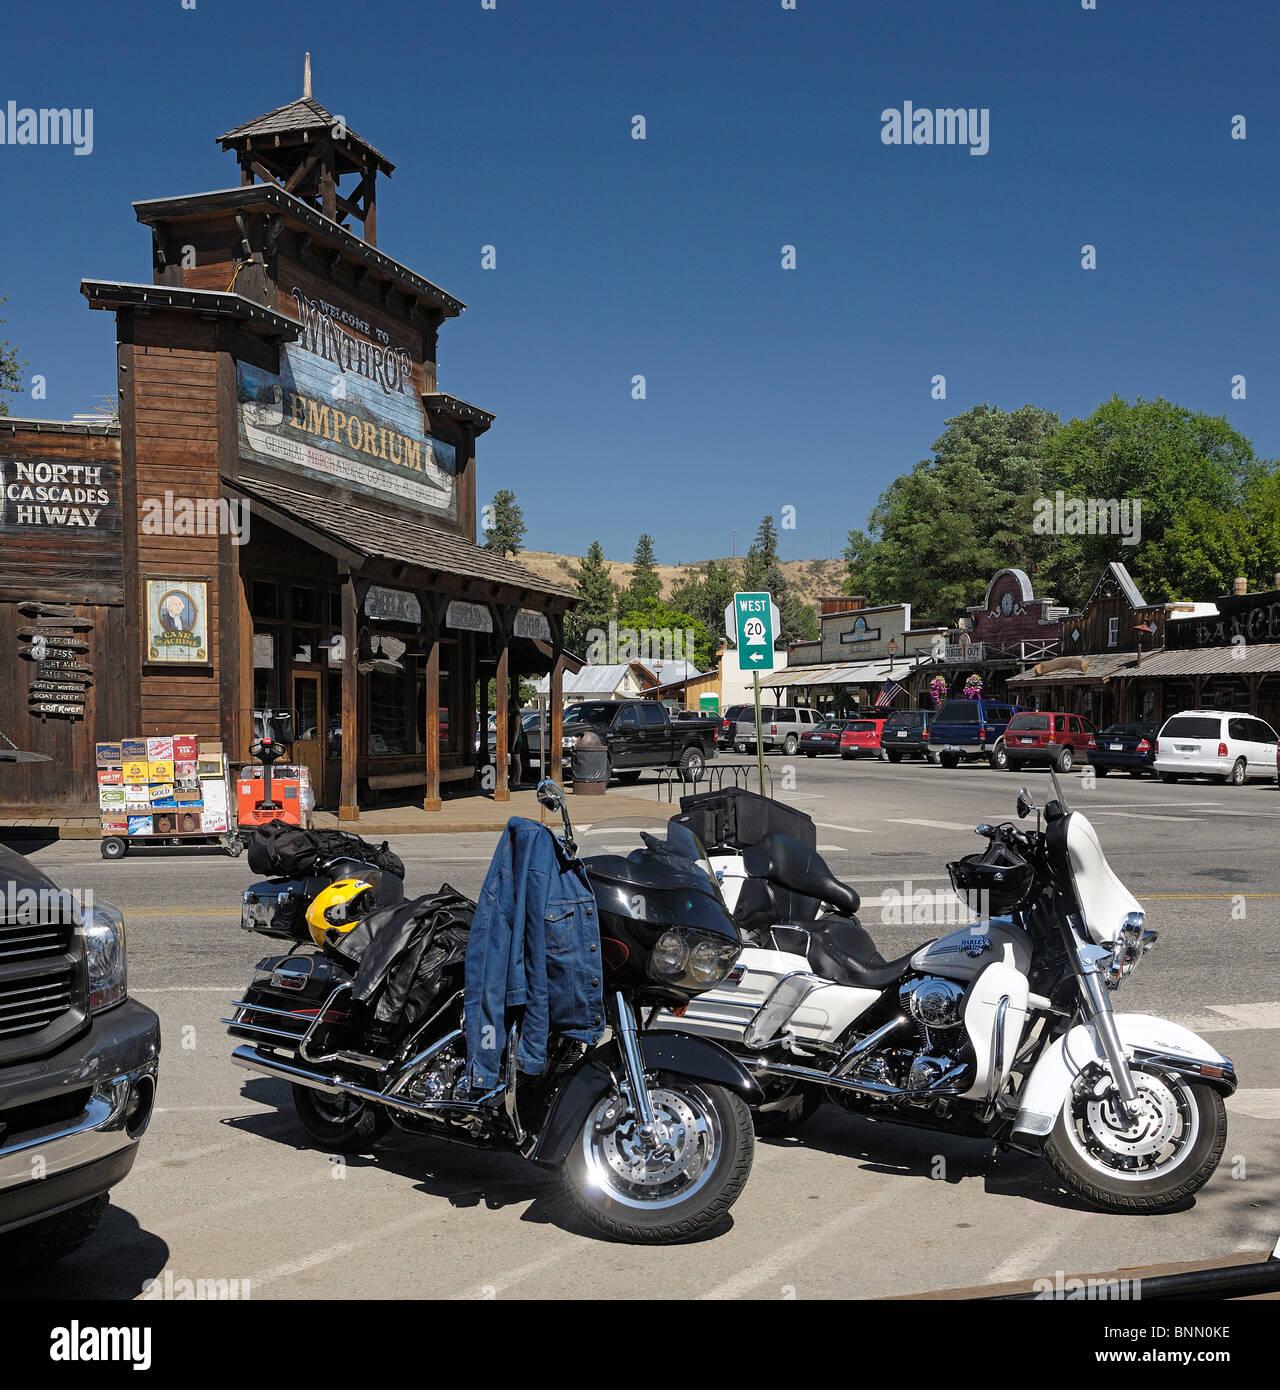 Harley Davidson Motorcycles Winthrop Emporium Winthrop Washington USA - Stock Image